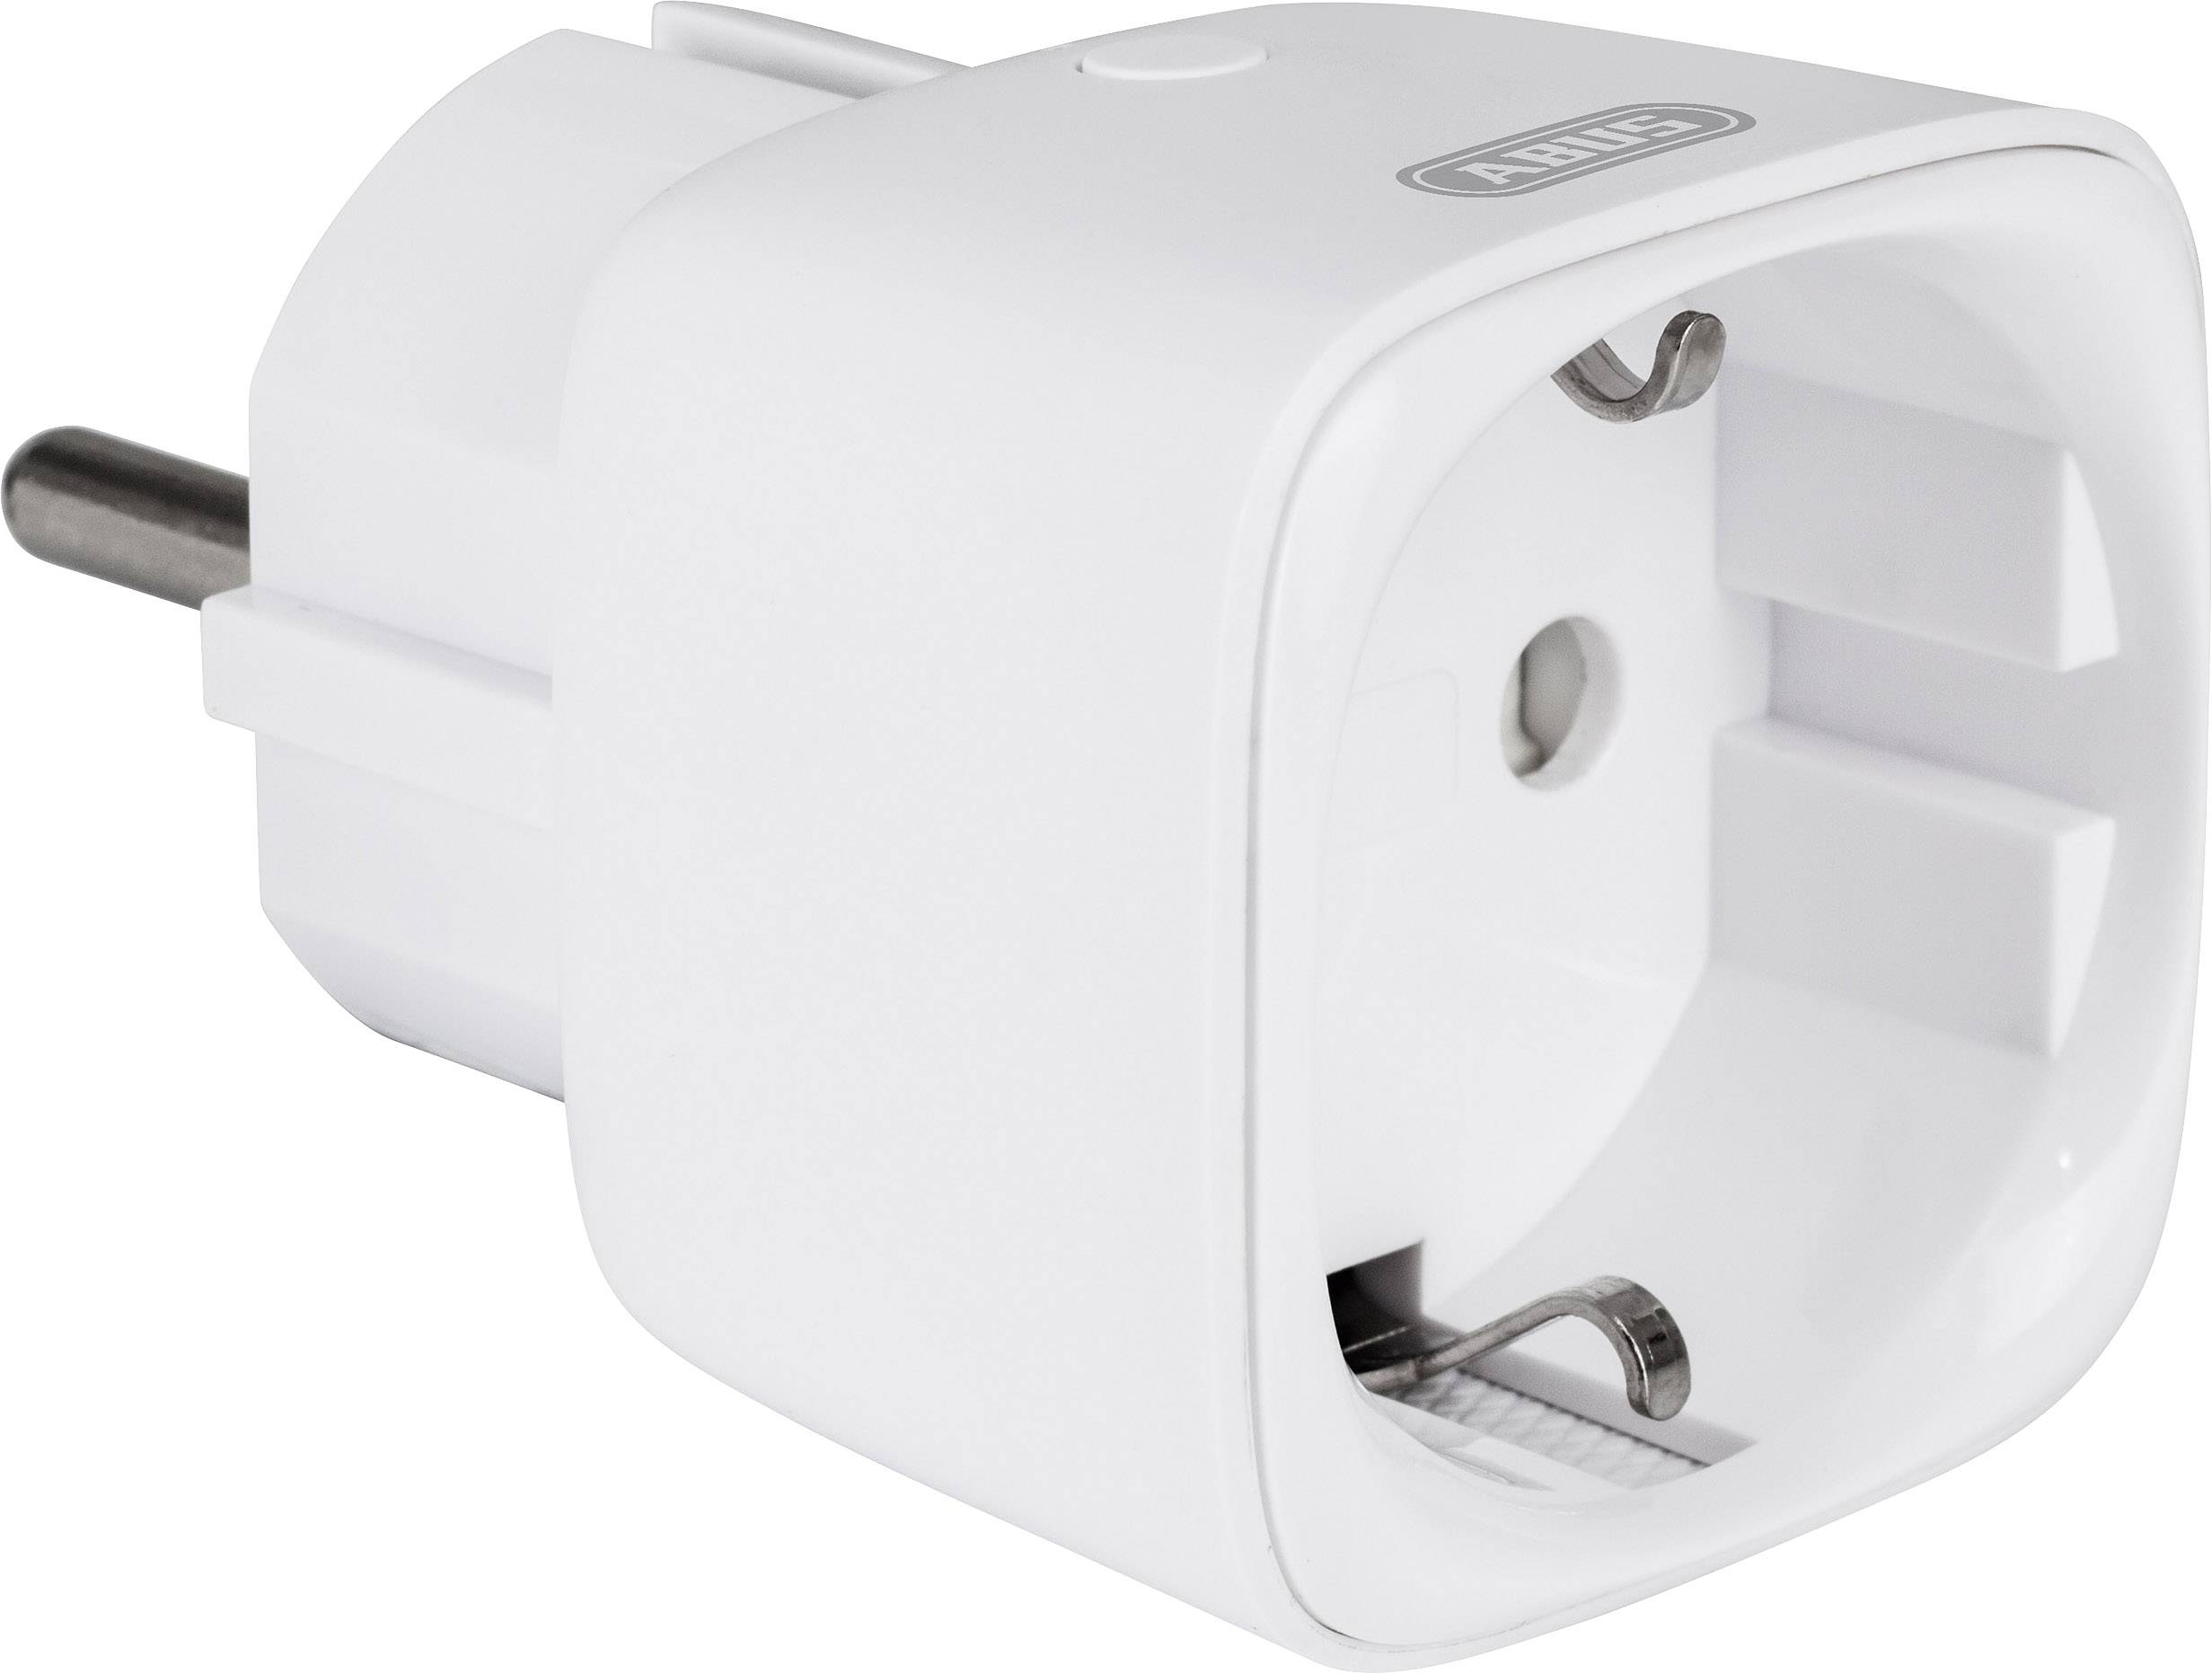 Rozšíření bezdrátového alarmu, dálkově ovládaná zásuvka ABUS Z-Wave SHHA10000